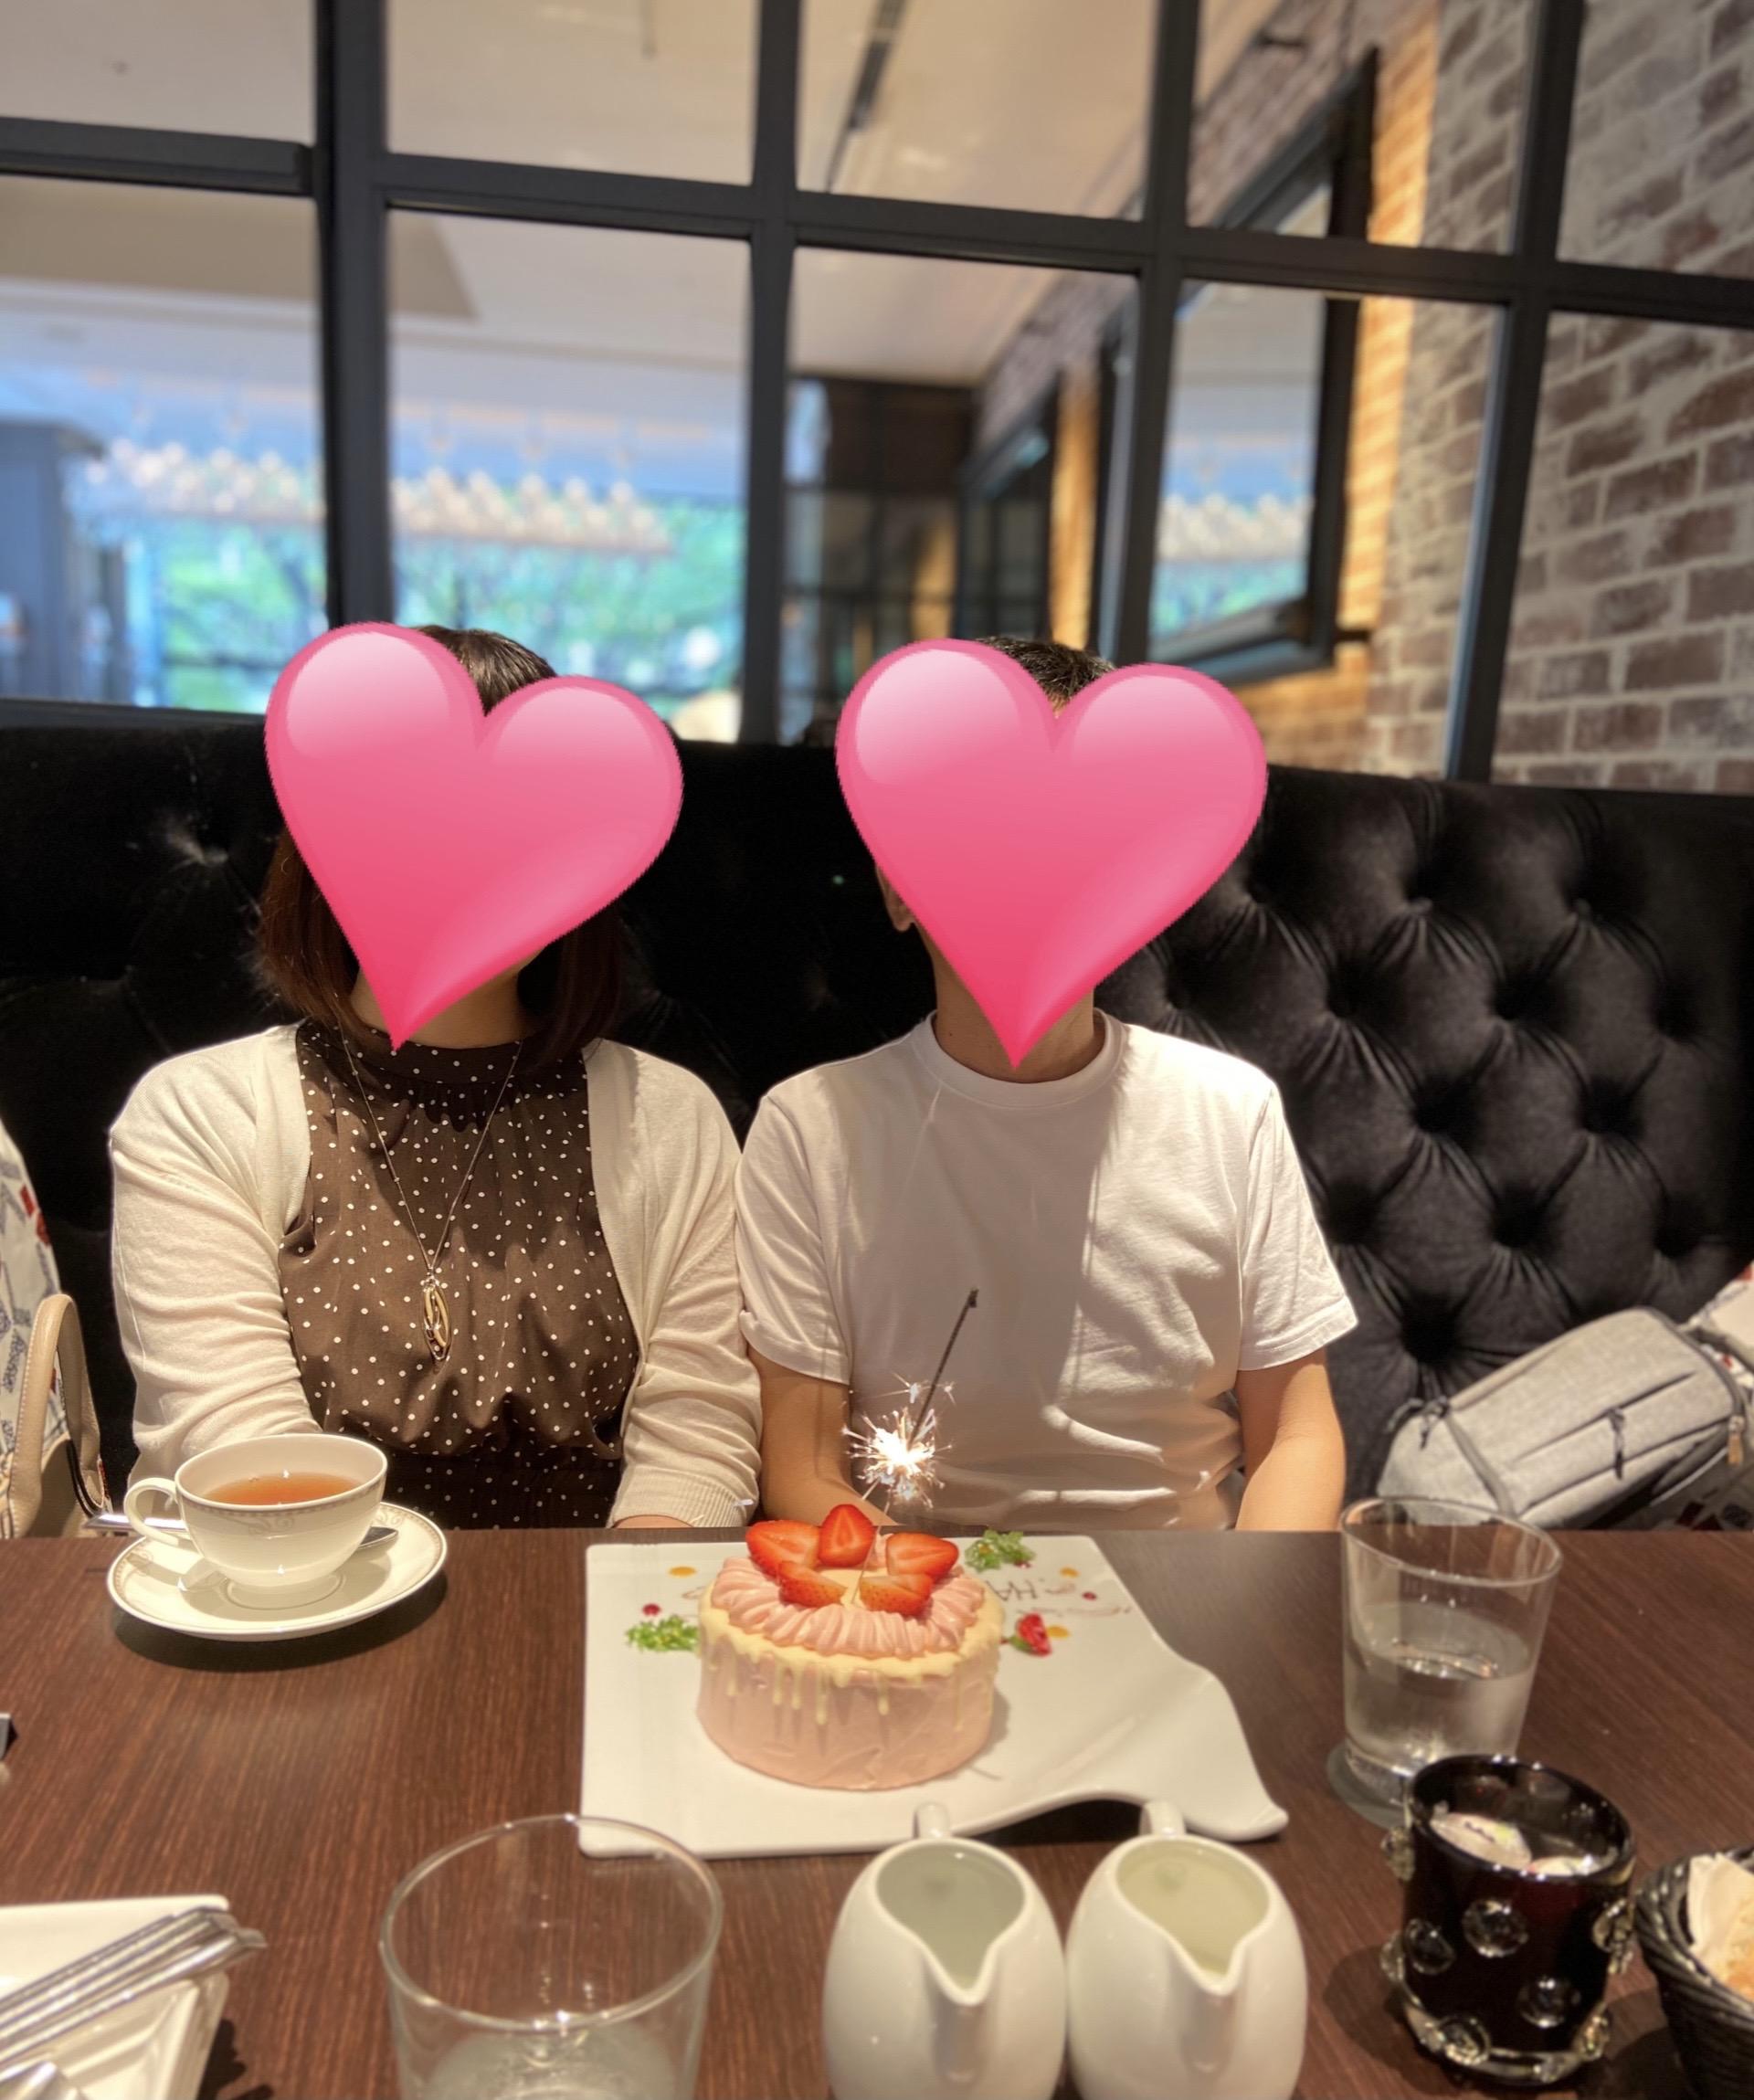 【成婚退会レポート19】41歳女性×43歳男性のカップル・活動期間半年でご成婚